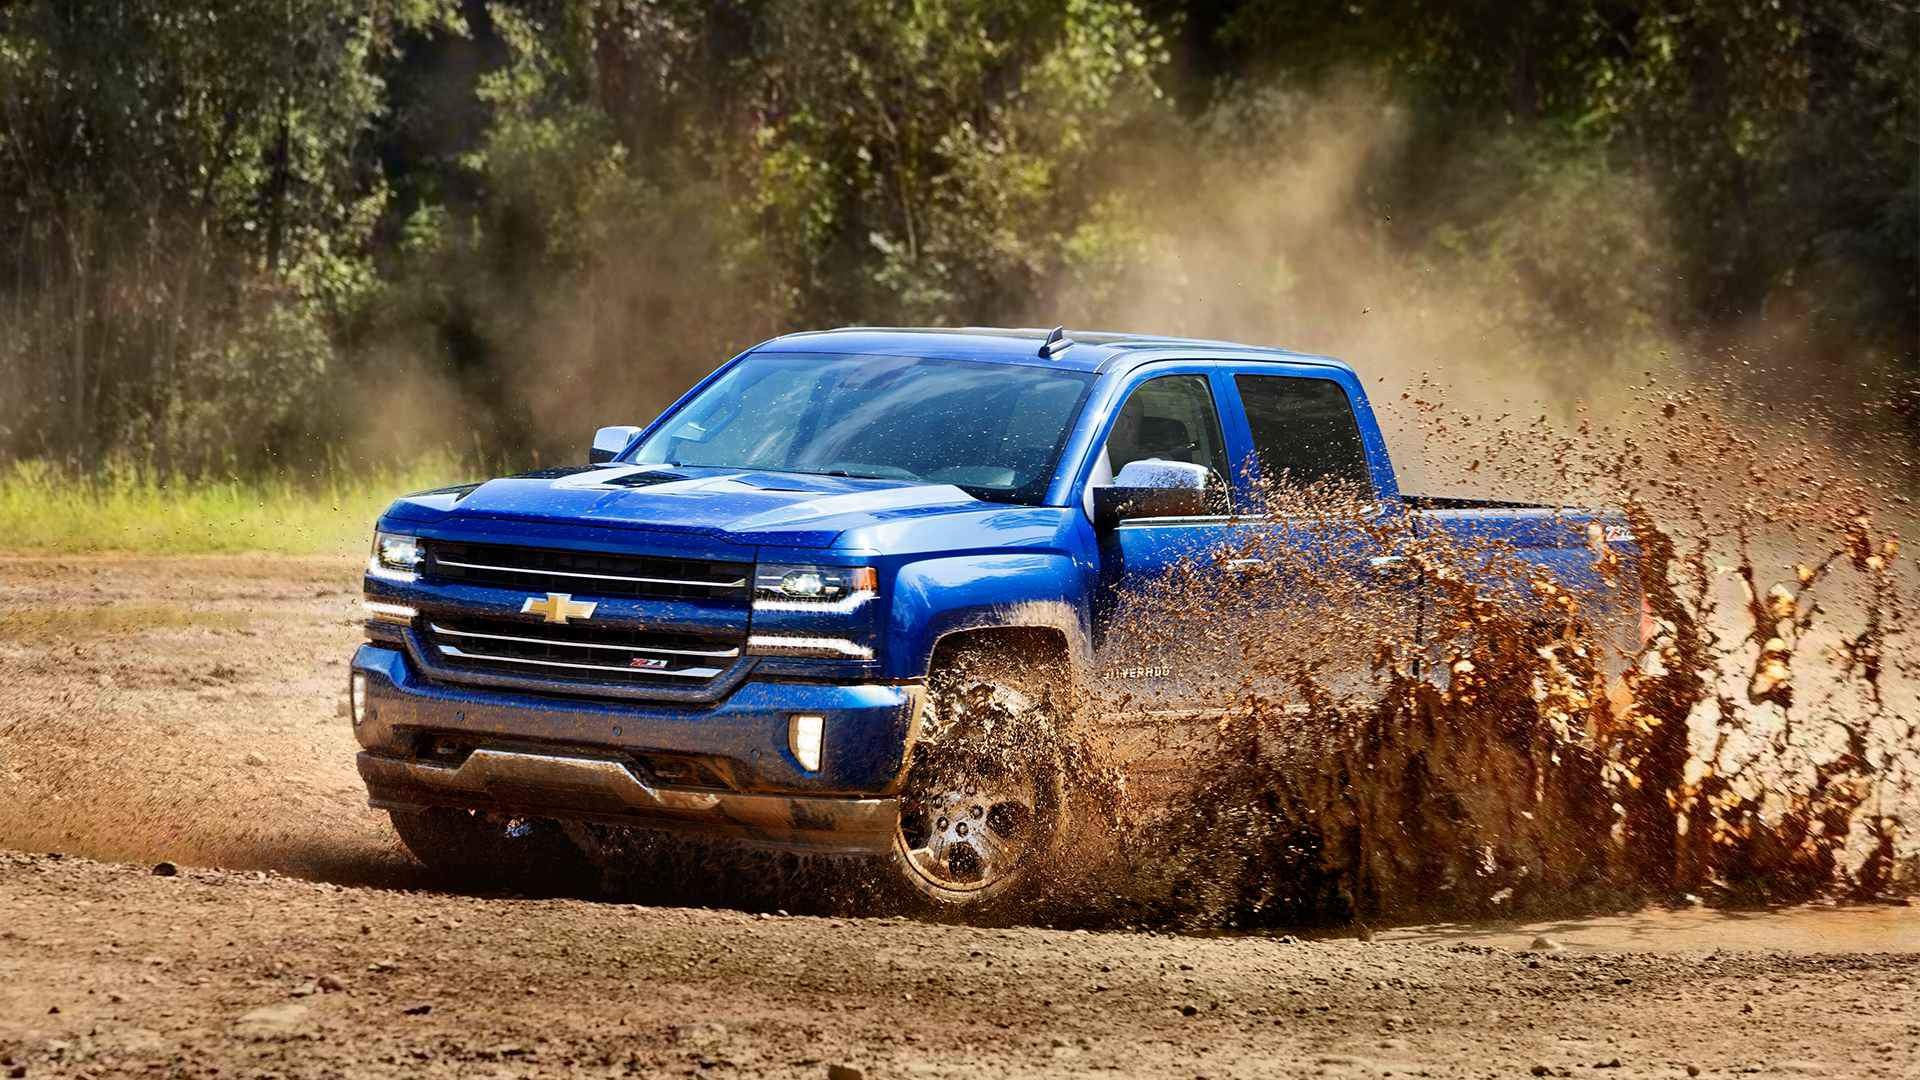 Silverado Mud